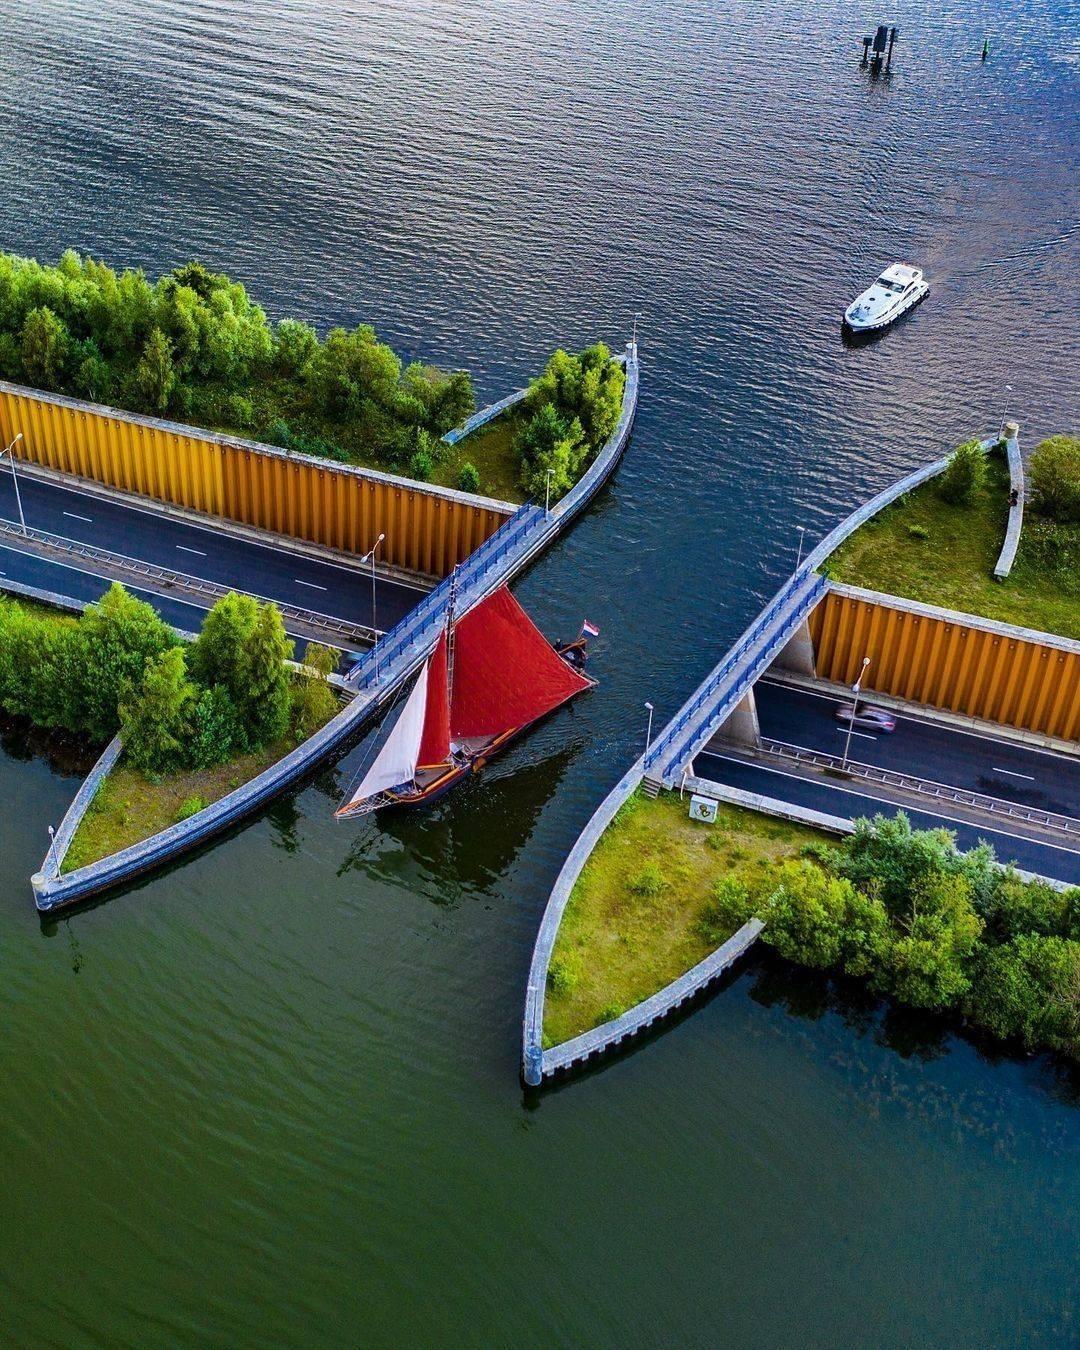 荷兰 费吕沃湖桥 水桥